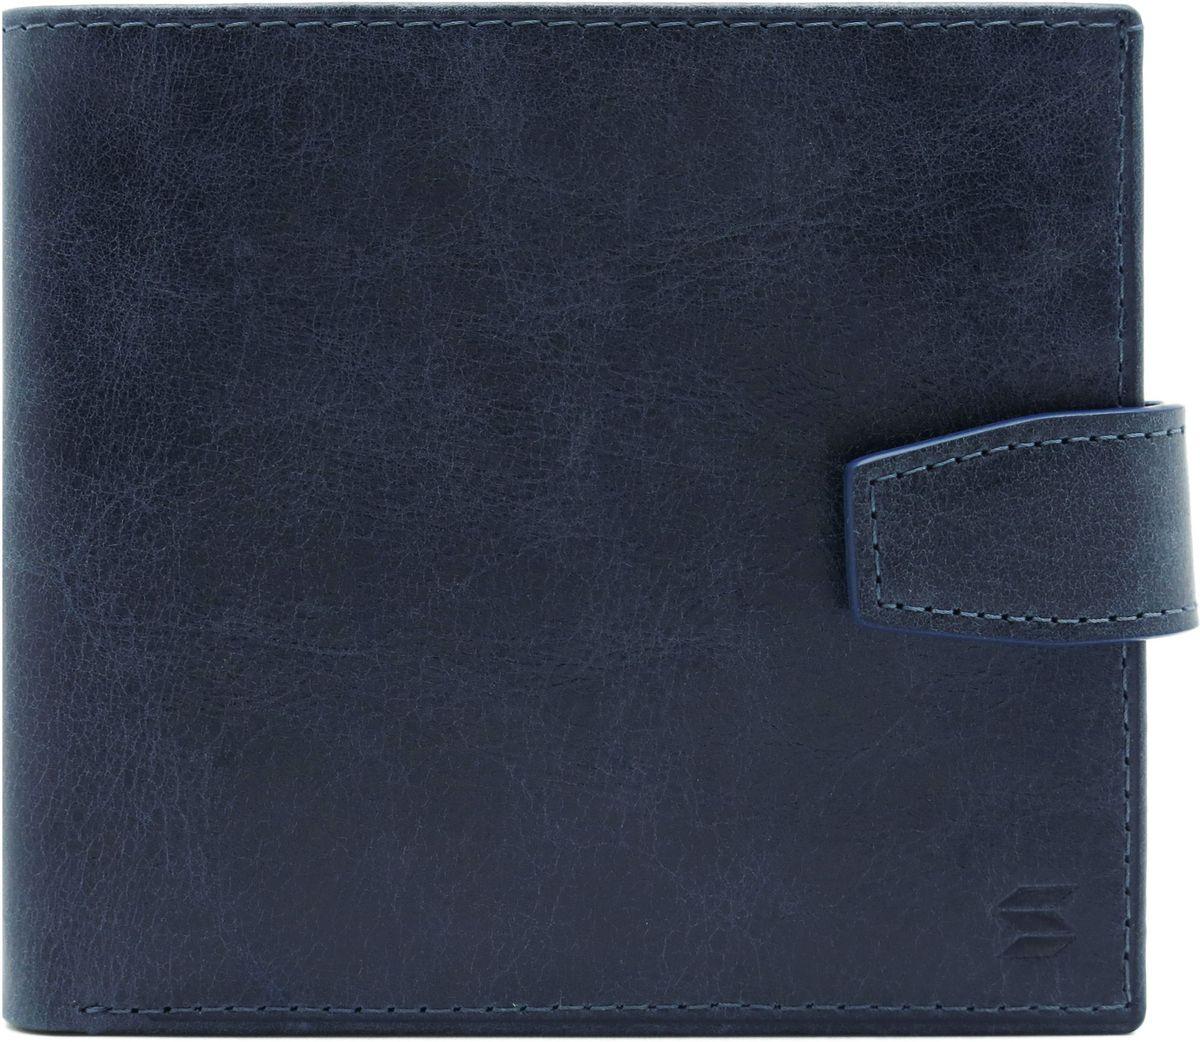 Портмоне мужское Soltan, цвет: темно-синий. 160 11 17ERJAA03224-WBT0Портмоне Soltan выполнено из натуральной кожи с эффектом старения и застегивается на хлястик с кнопкой. Модельимеет три отделения для купюр, одно из которых на молнии, 3 кармашка для кредиток и отделение для мелочи.